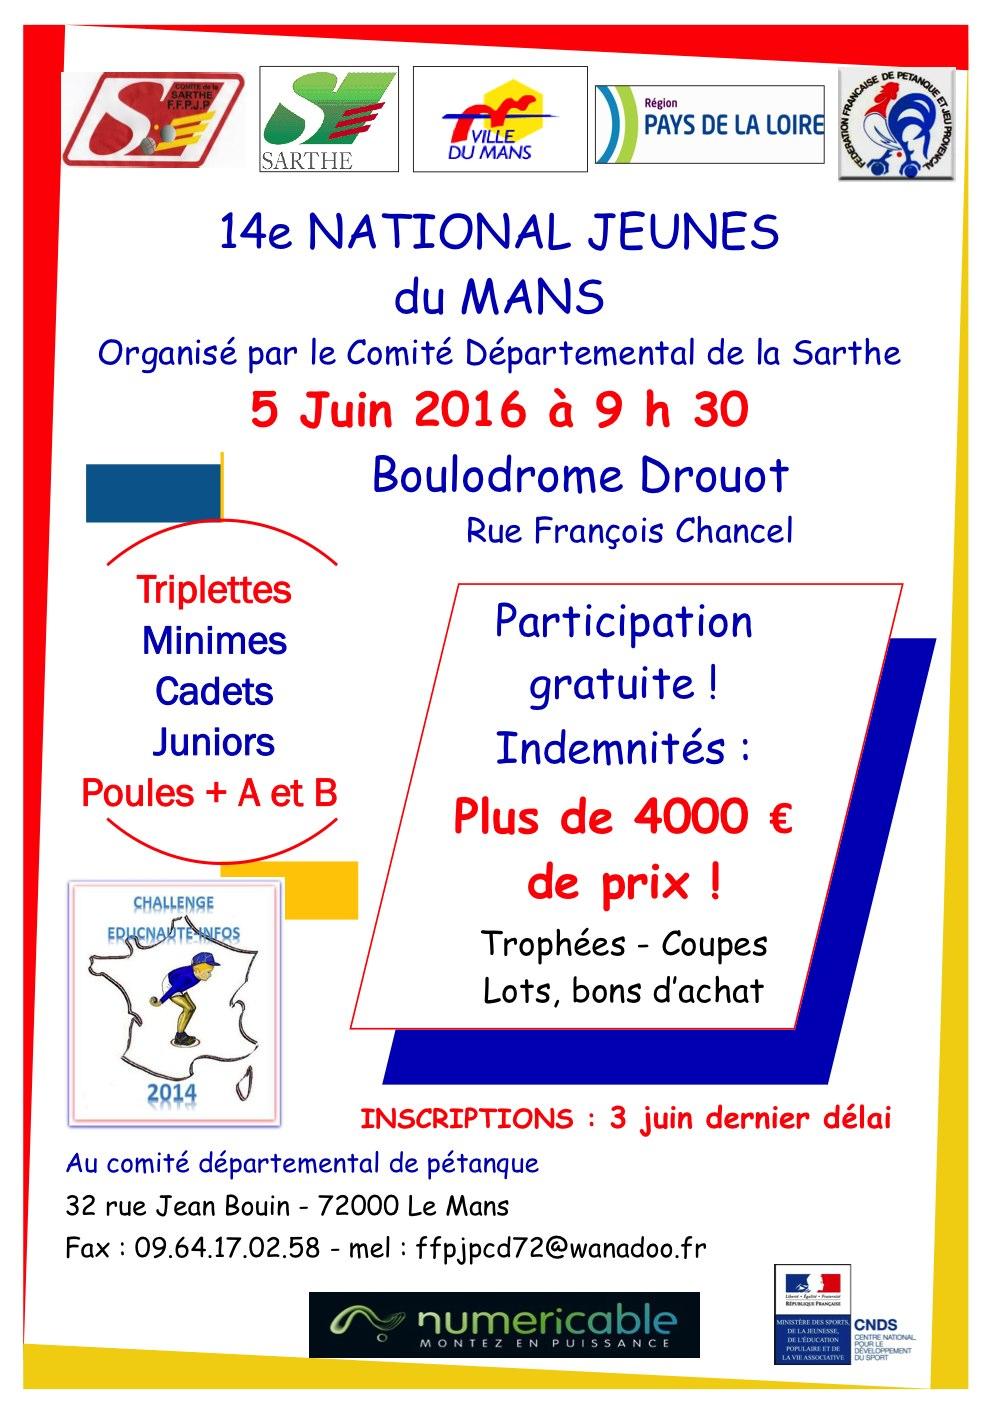 National Jeunes du Mans